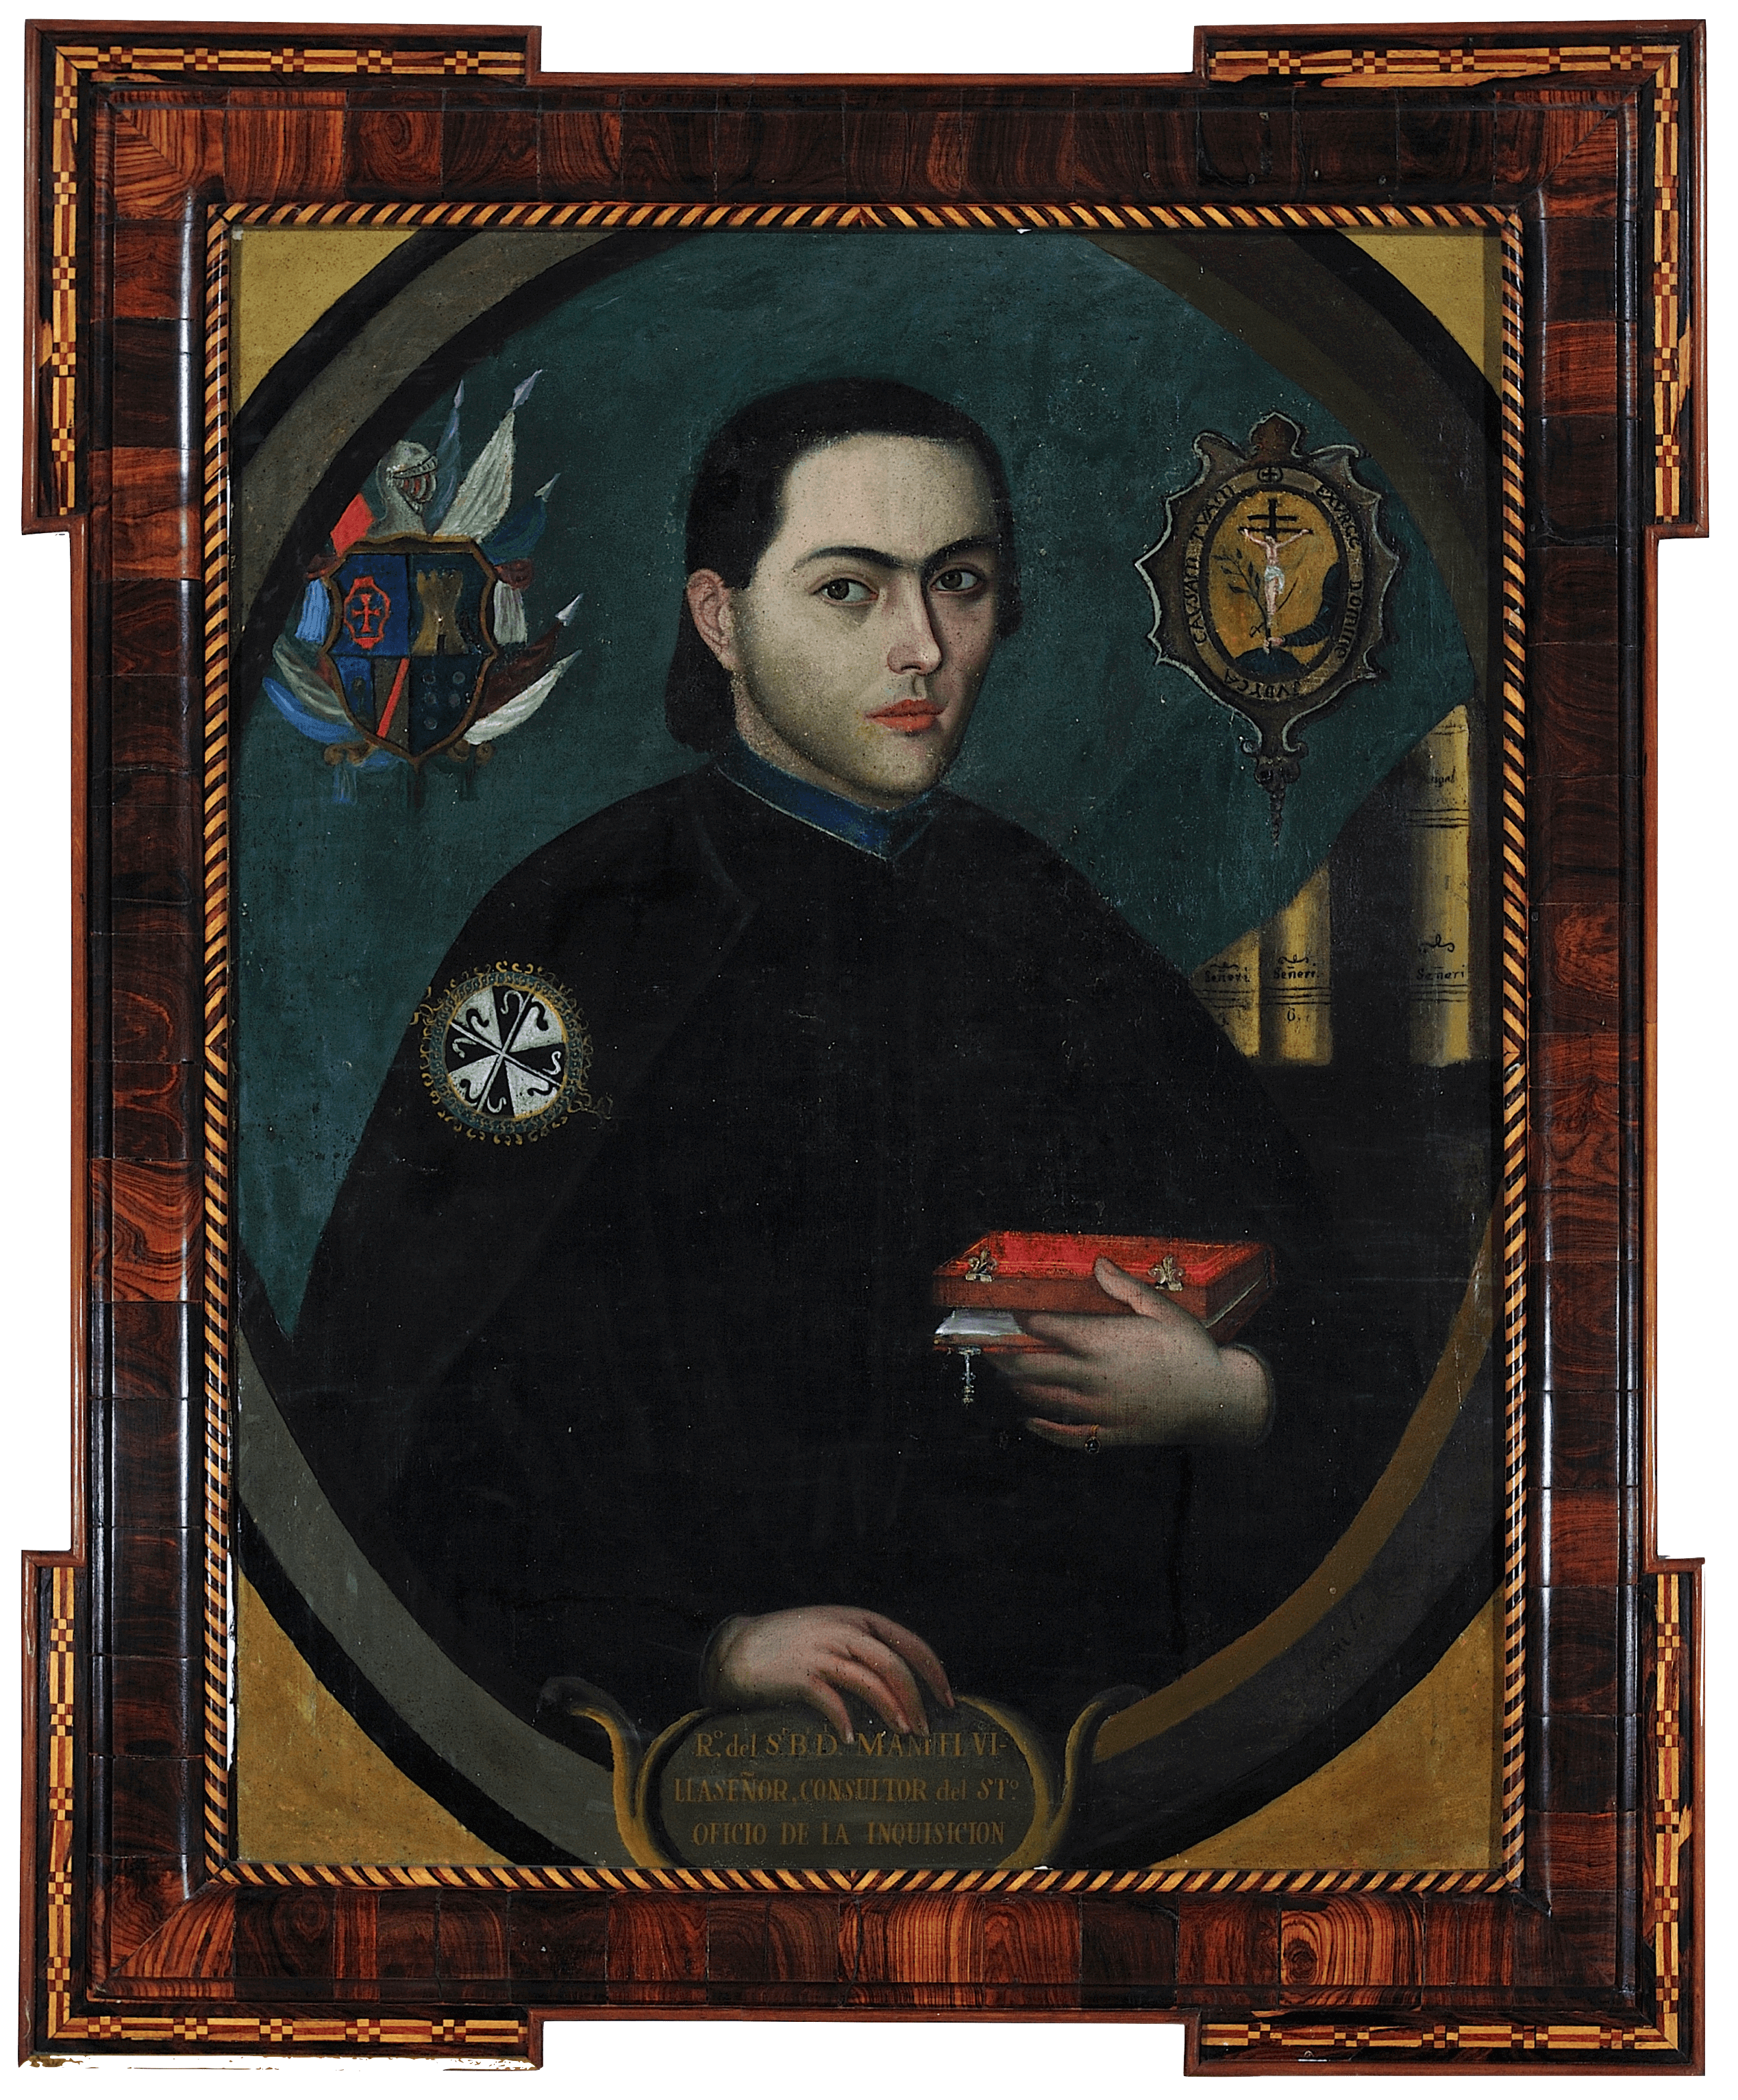 Retrato de Manuel Villaseñor | Creación y restauración: lo singular y complejo del arte | Museo Amparo, Puebla